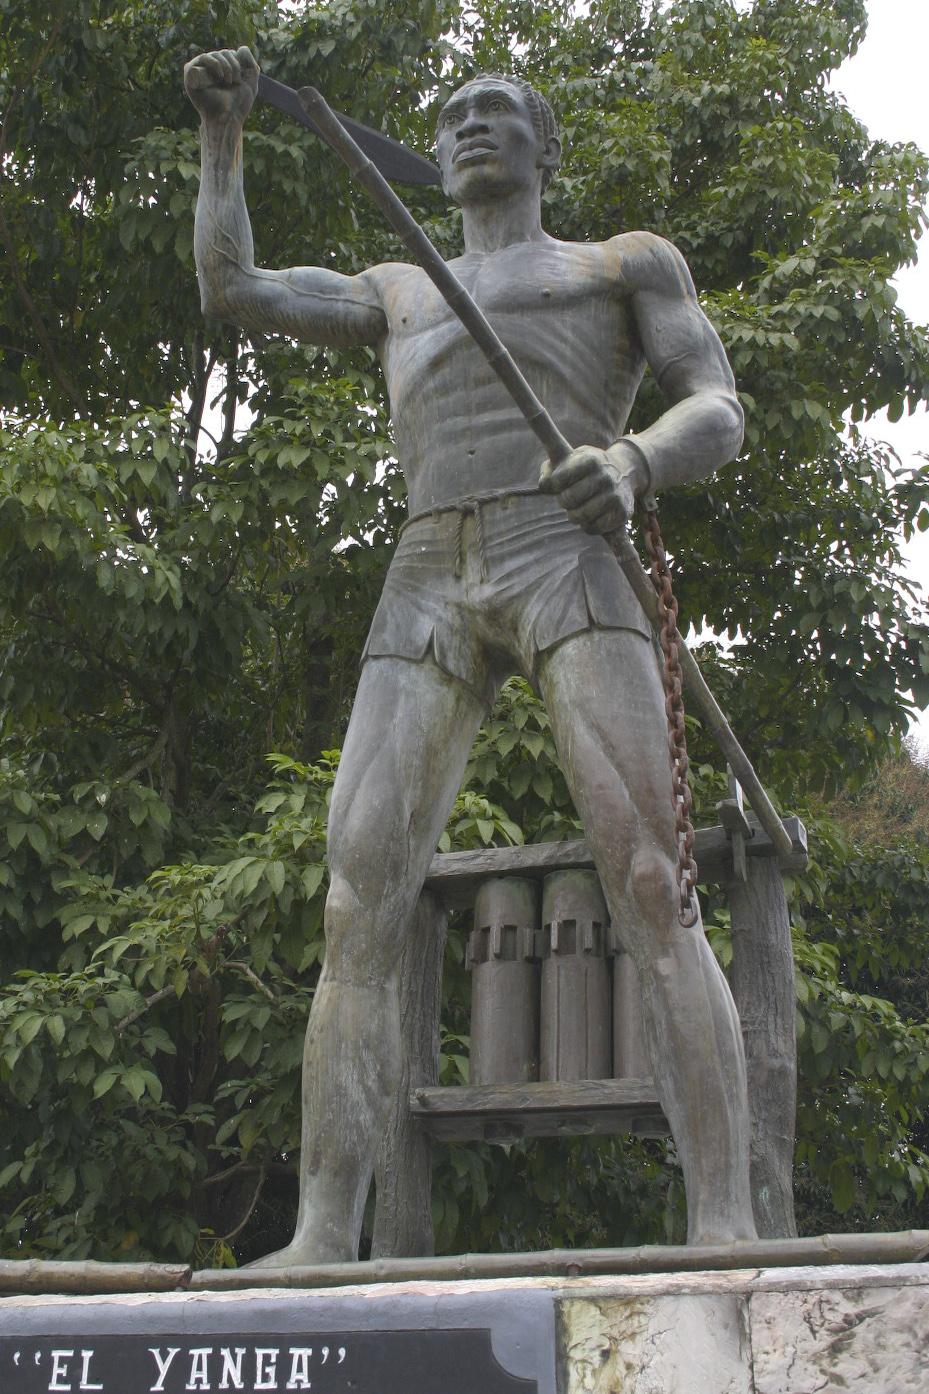 Yanga se hace presente en el Museo Recinto de la Reforma en la ciudad de Veracruz